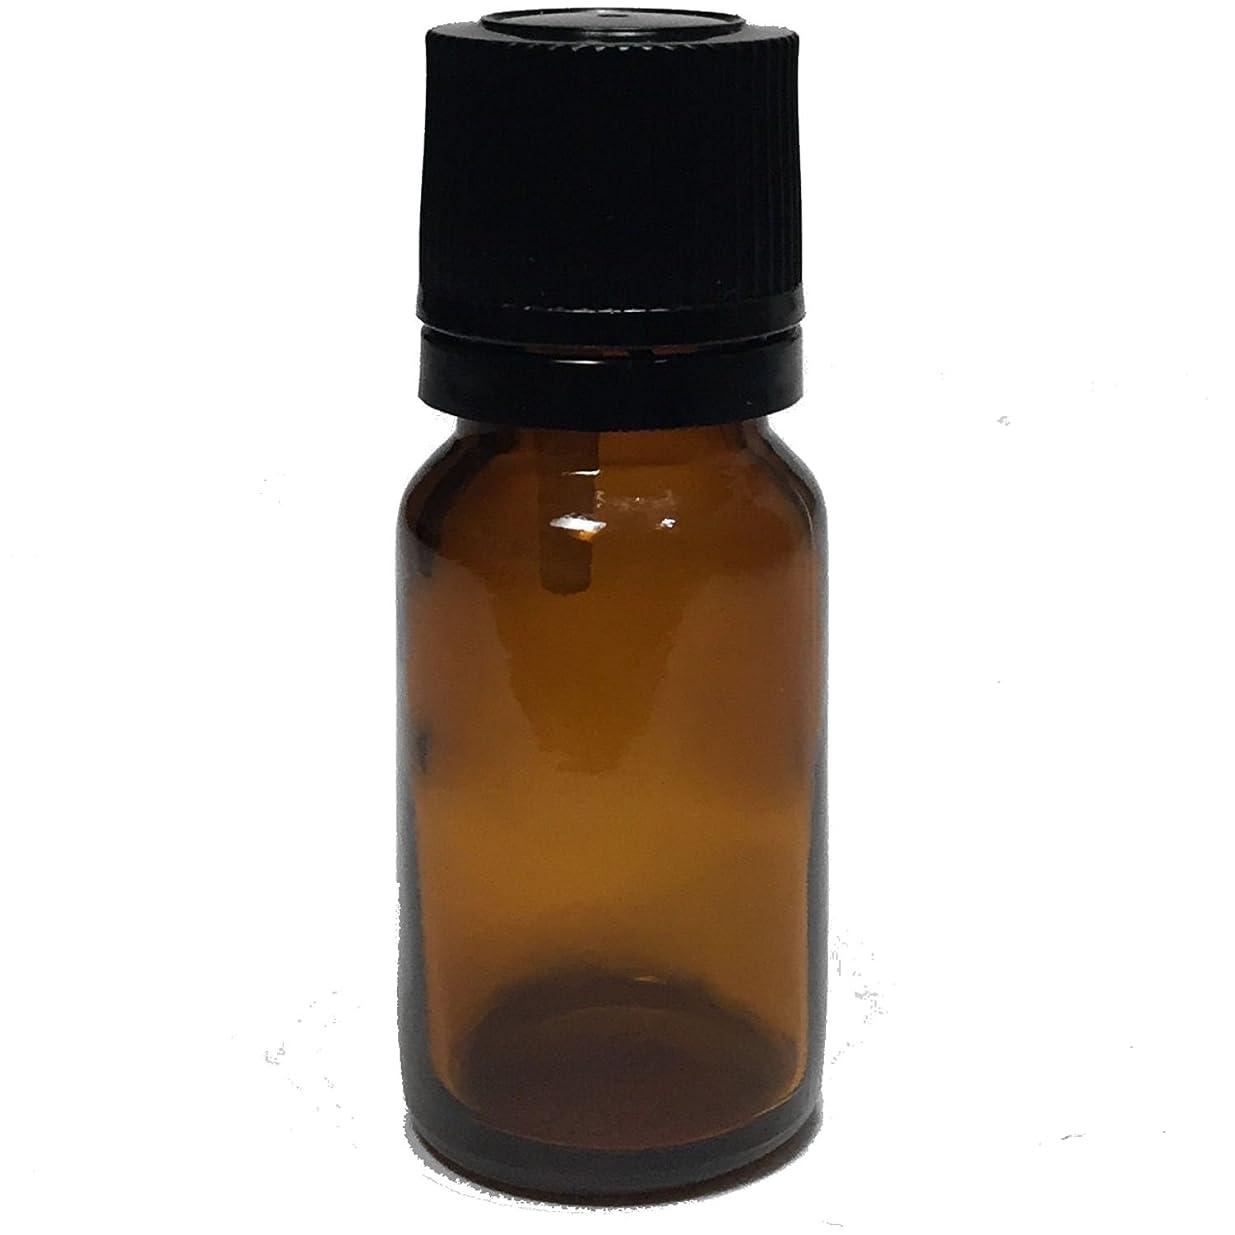 極めて重要なメダリスト隠されたエッセンシャルオイル用茶色遮光瓶 ドロッパー付き 黒キャップ 10ml ガラスビン 10本セット